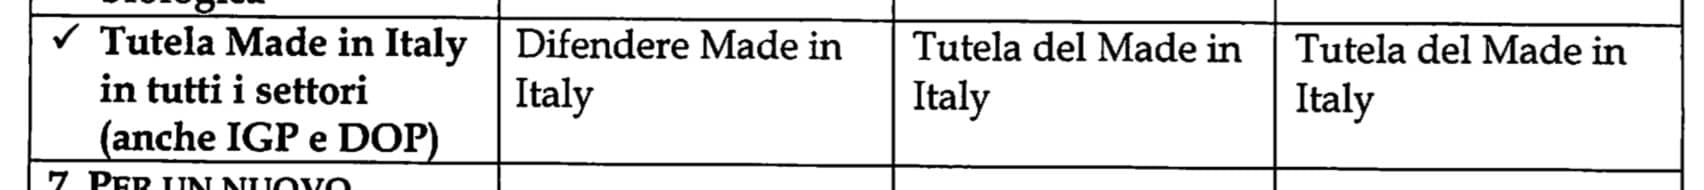 Stessa cosa: contro il Made in Italy? Niente governo.